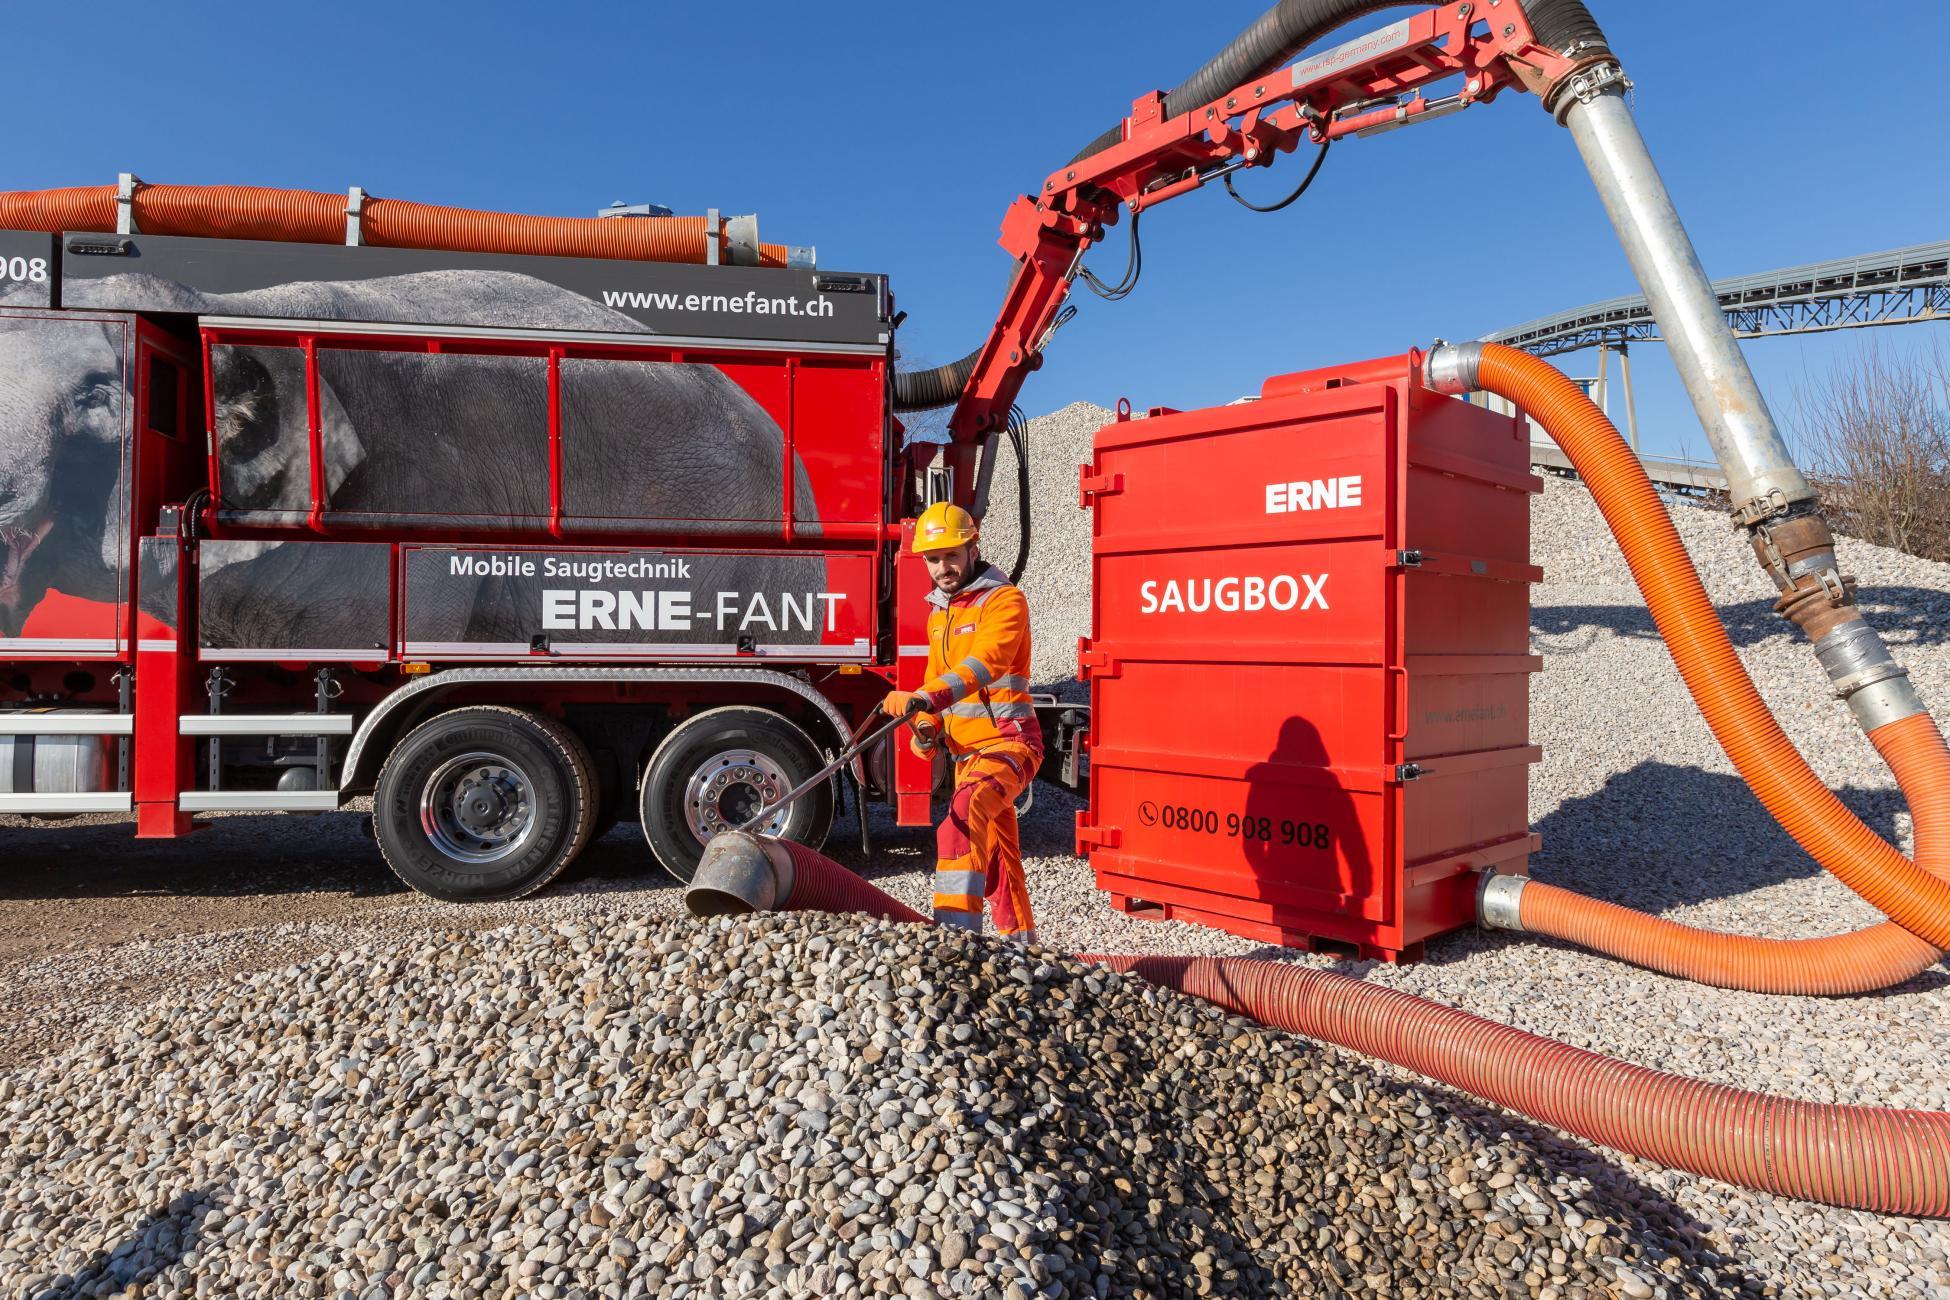 Saugbagger Saugbox ERNE-FANT Kies saugen in Bigbags